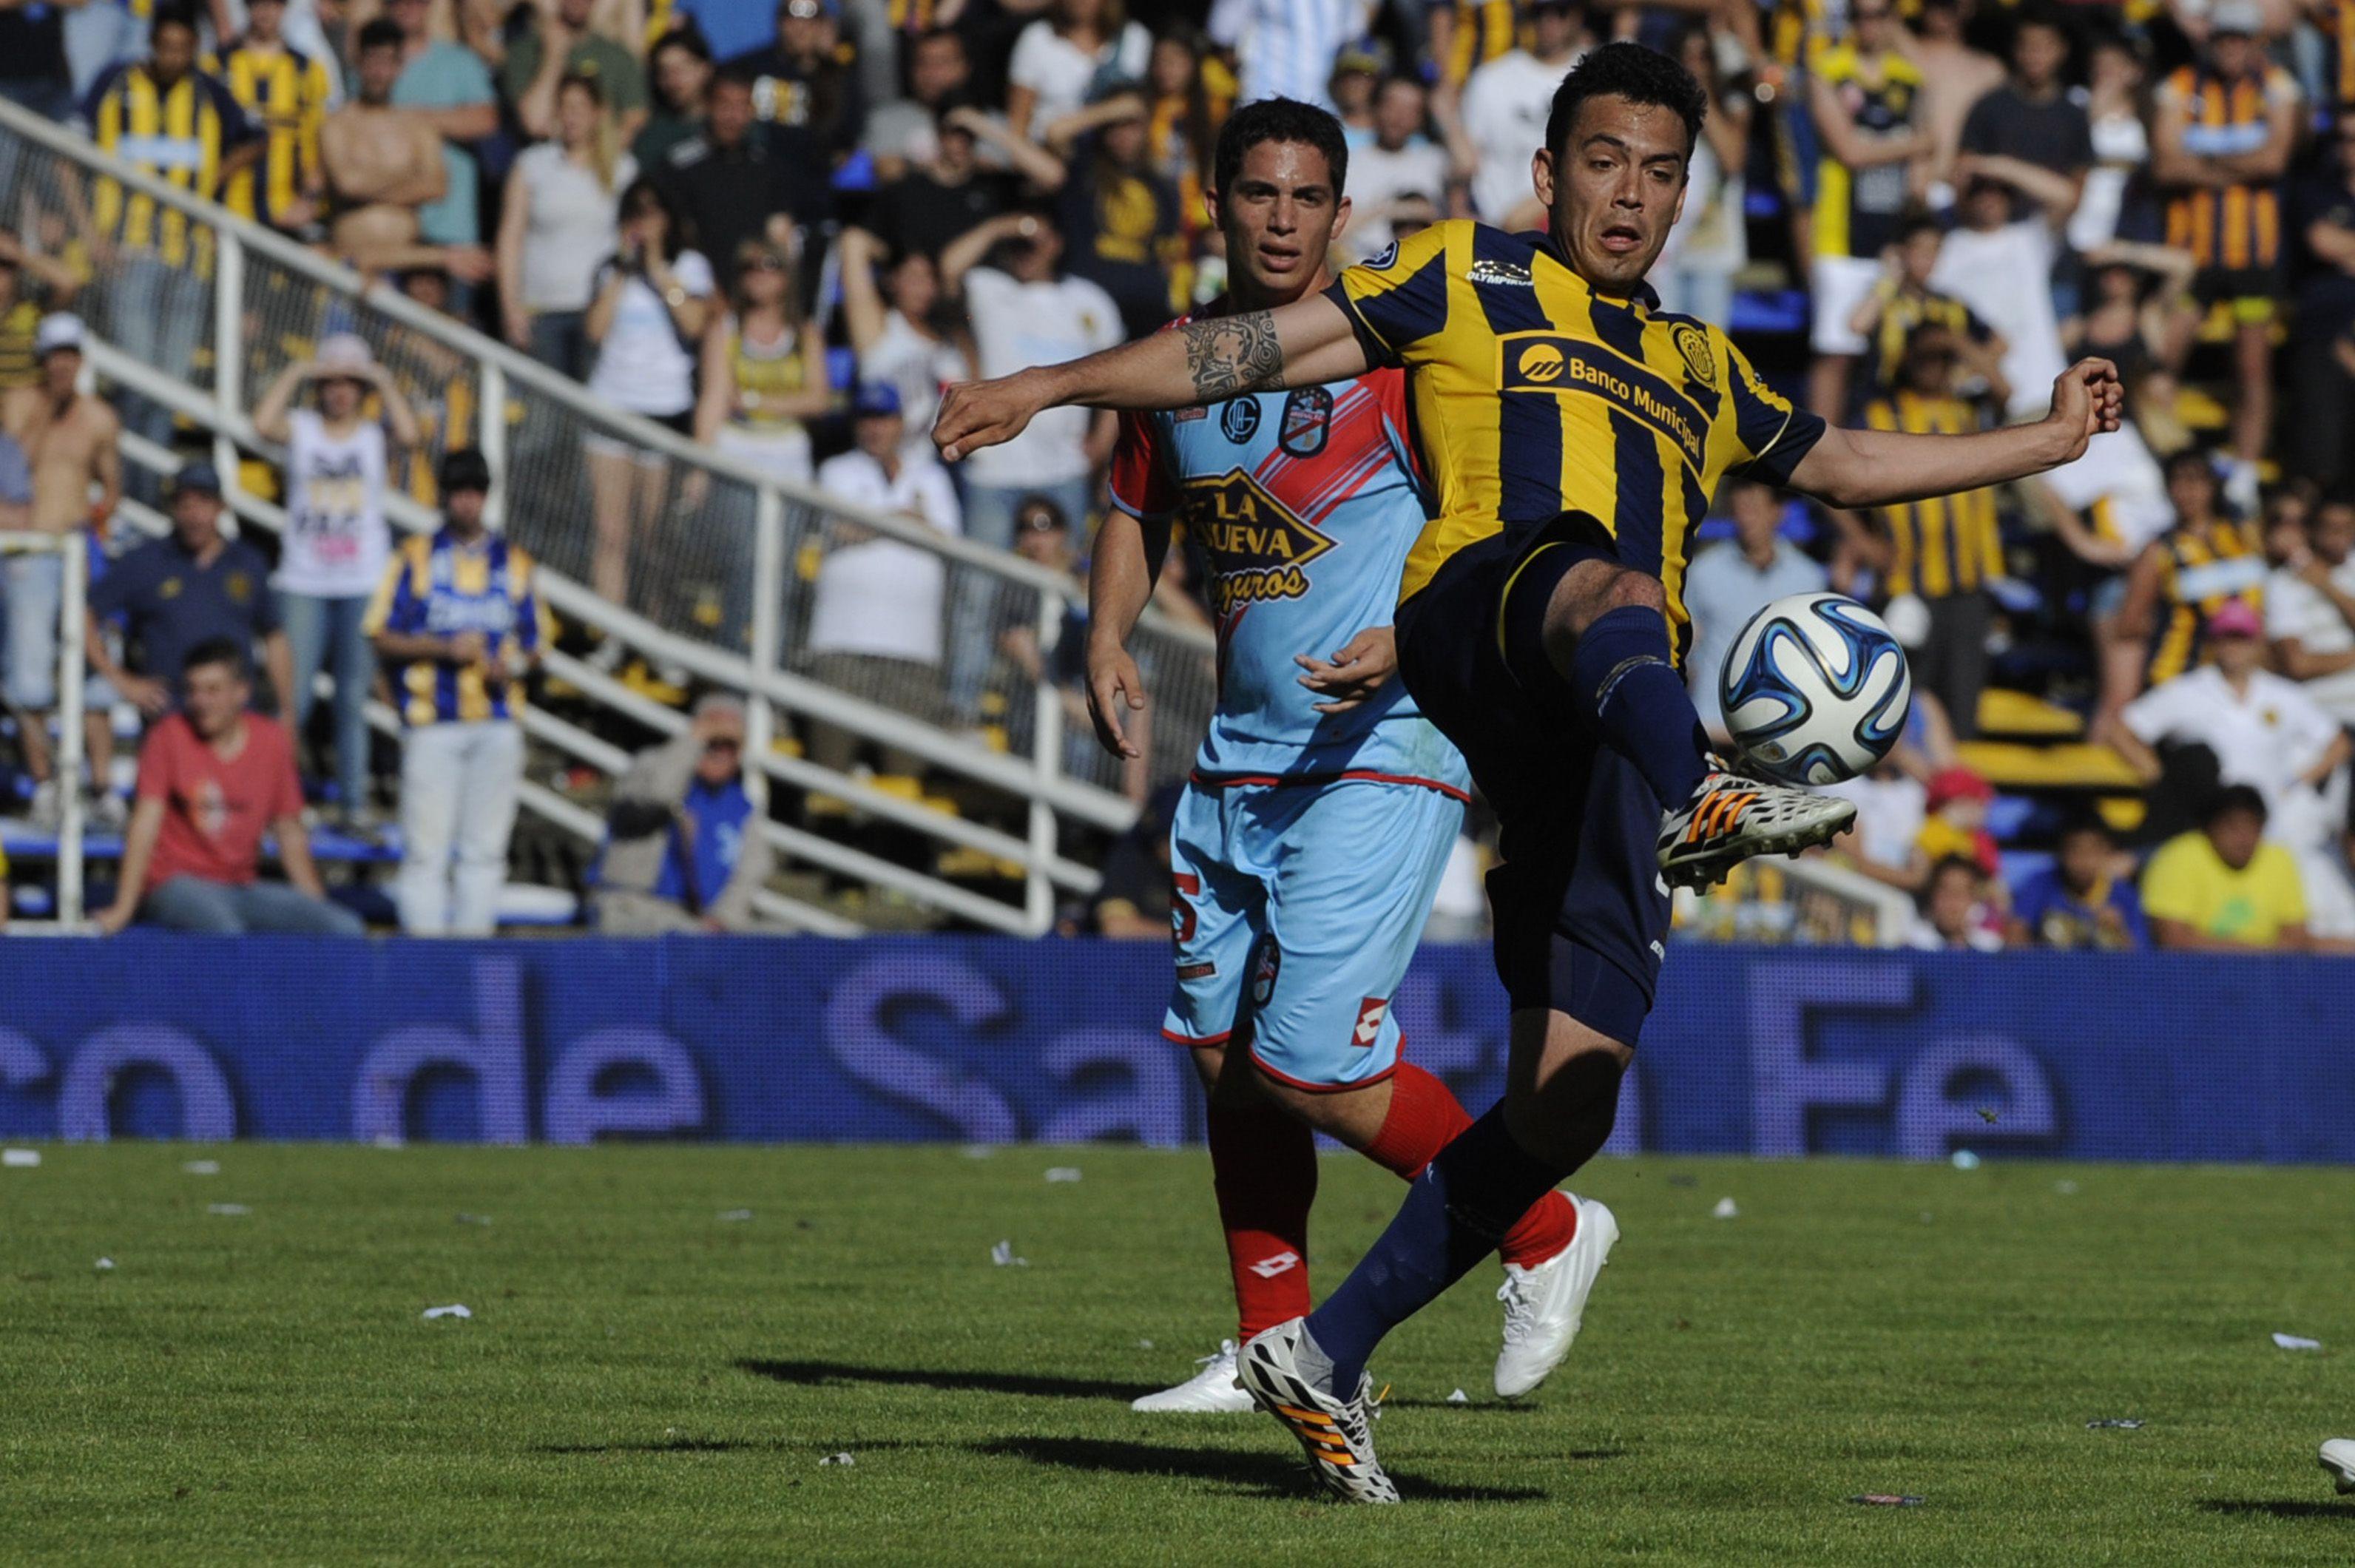 Nery Domínguez vuelve al primer equipo canalla. Aquí en una acción del último choque con Arsenal en el gigante. Fue en septiembre pasado. .